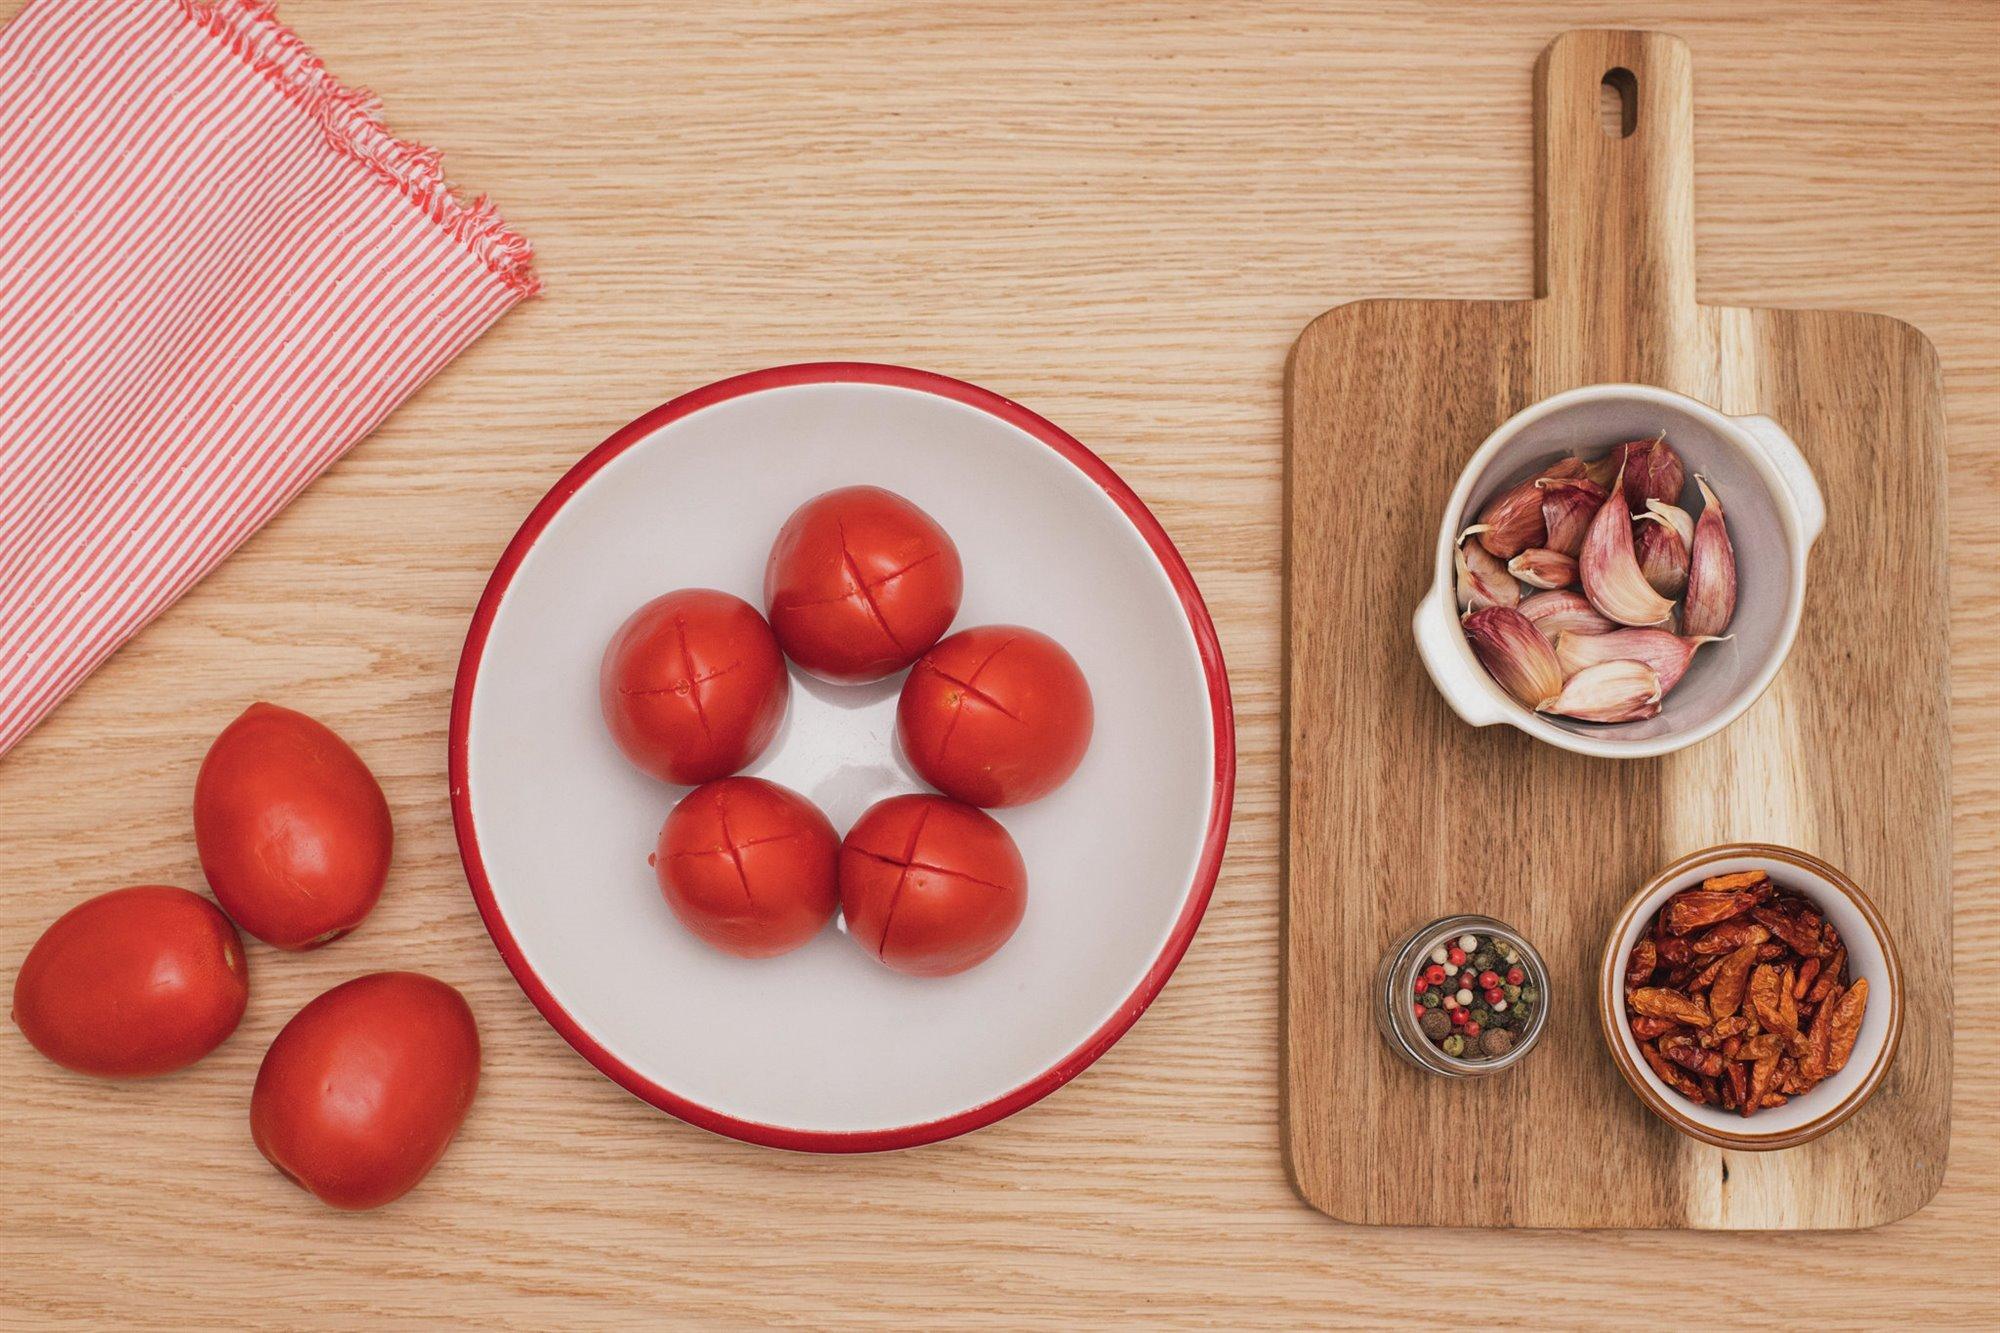 1. Prepara los tomates